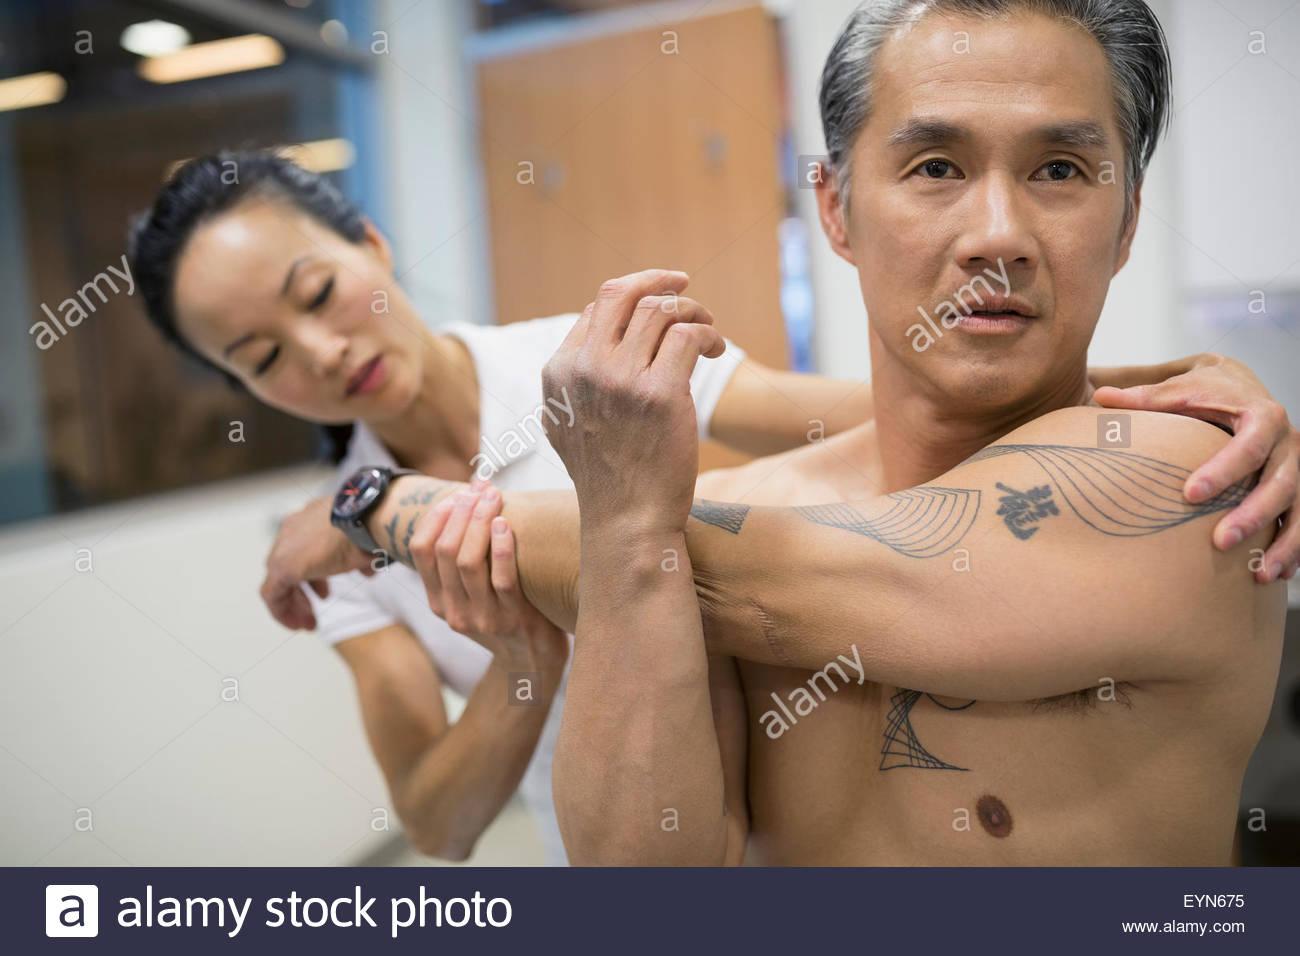 Fisioterapeuta guiando paciente estirando el brazo Imagen De Stock